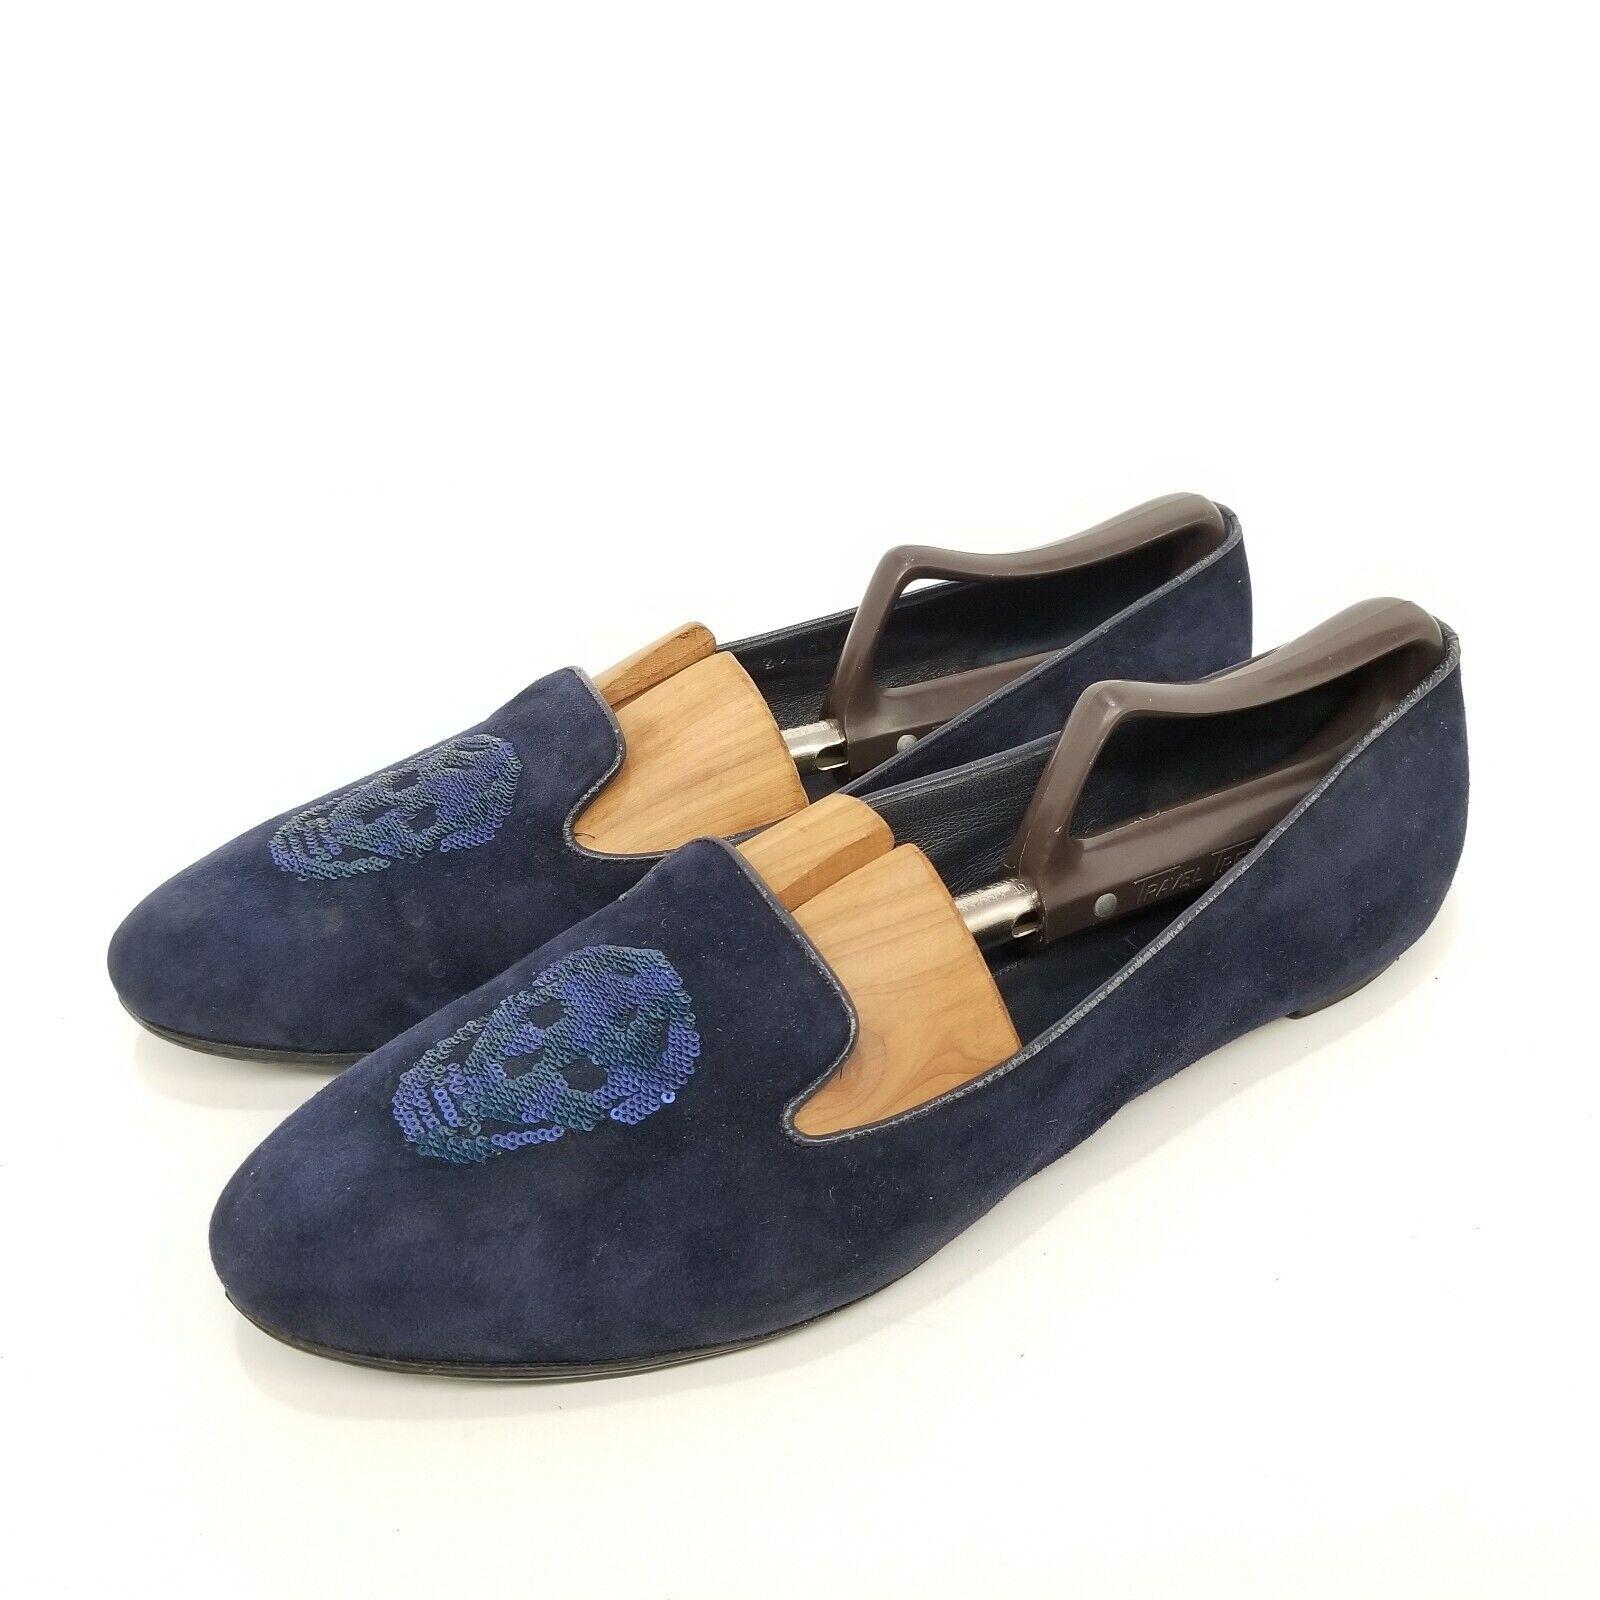 C12 Alexander mcquaen azul gamuza, lentejuelas, loafer, talla 41